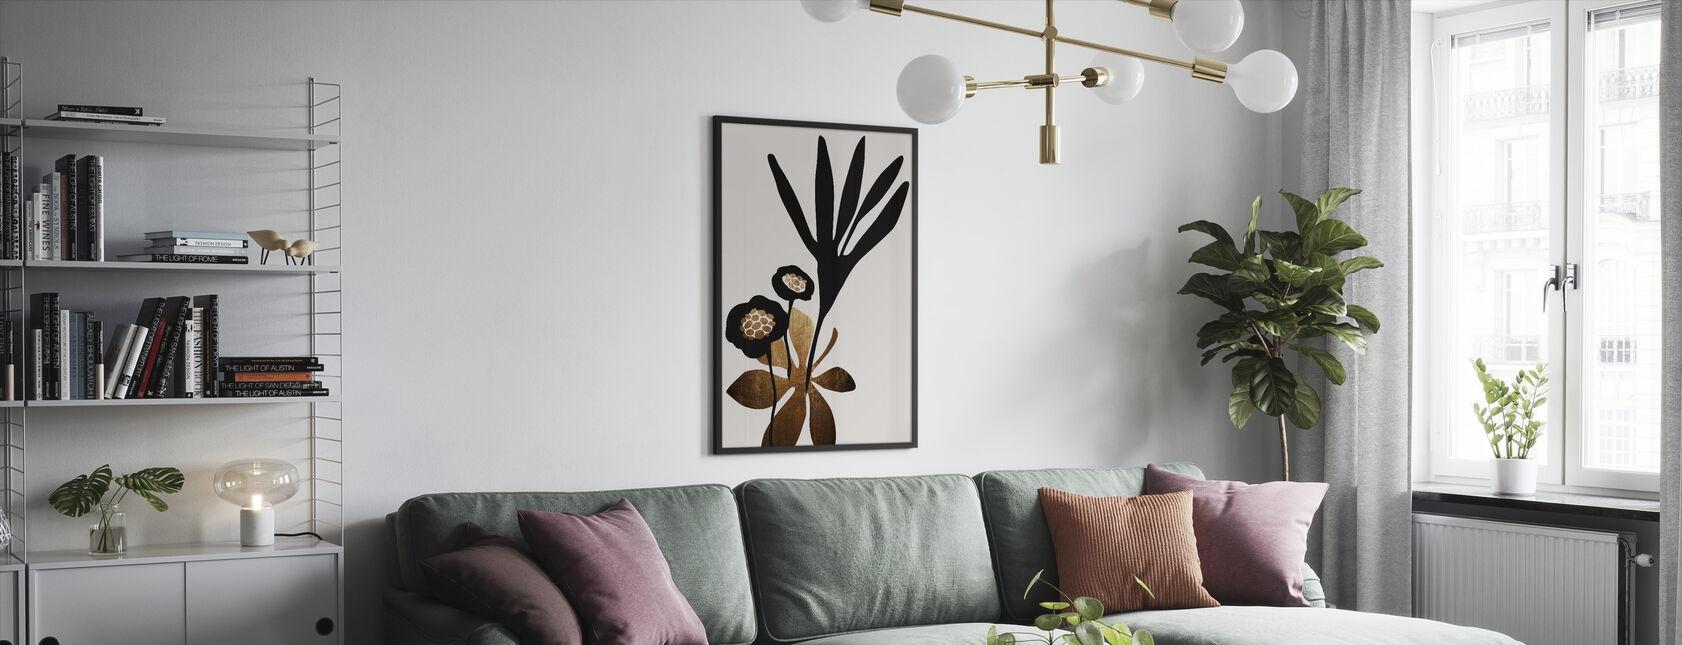 Blossom Beauty - Gerahmtes bild - Wohnzimmer